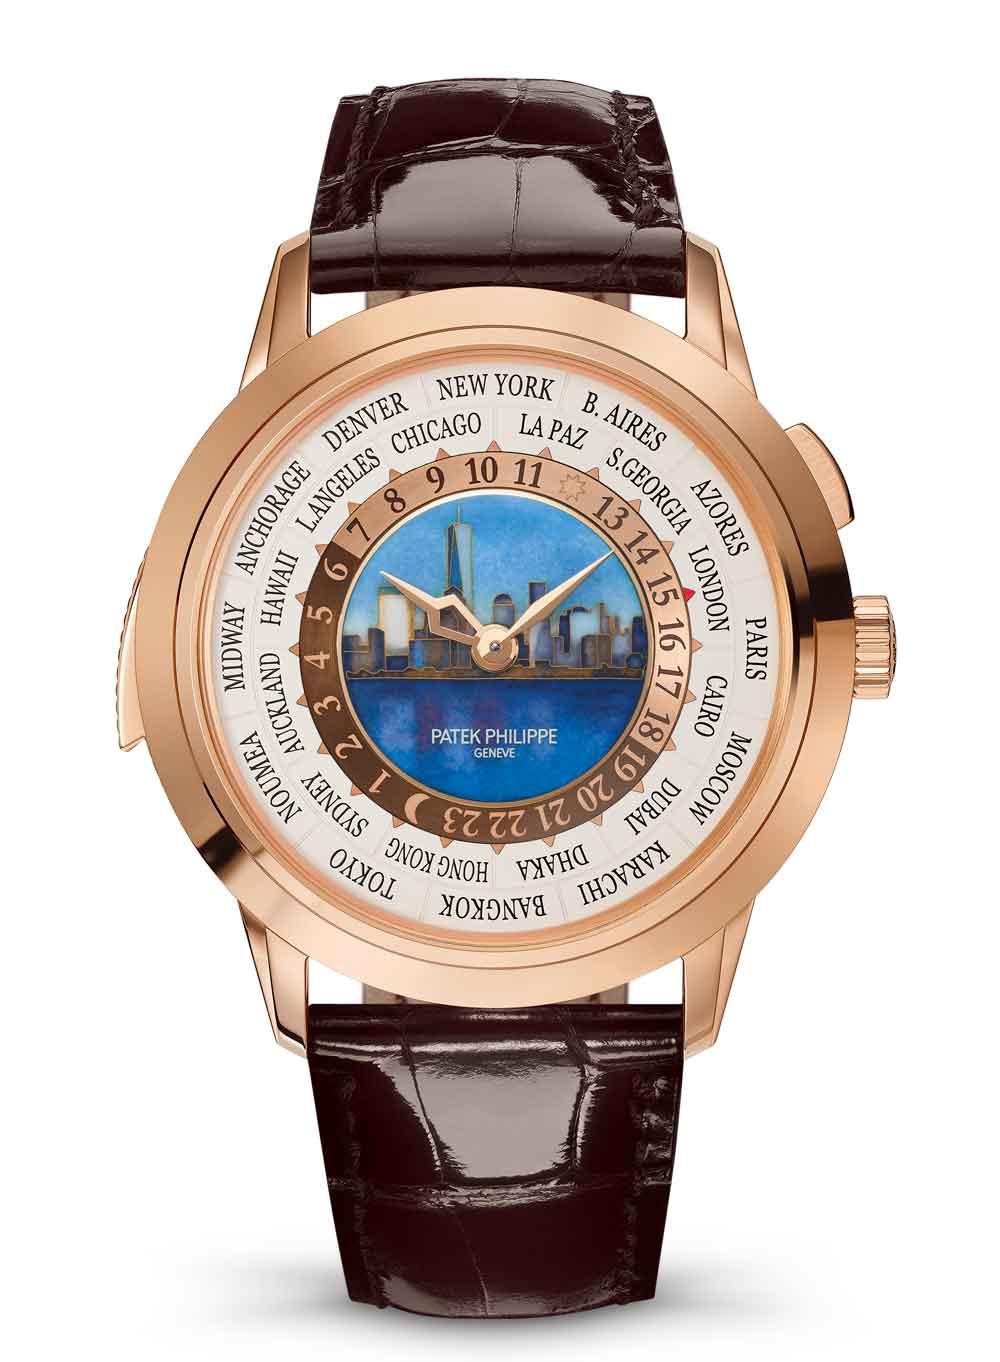 WORLD TIME MINUTE REPEATER REF. 5531, EDICIÓN ESPECIAL NUEVA YORK 2017